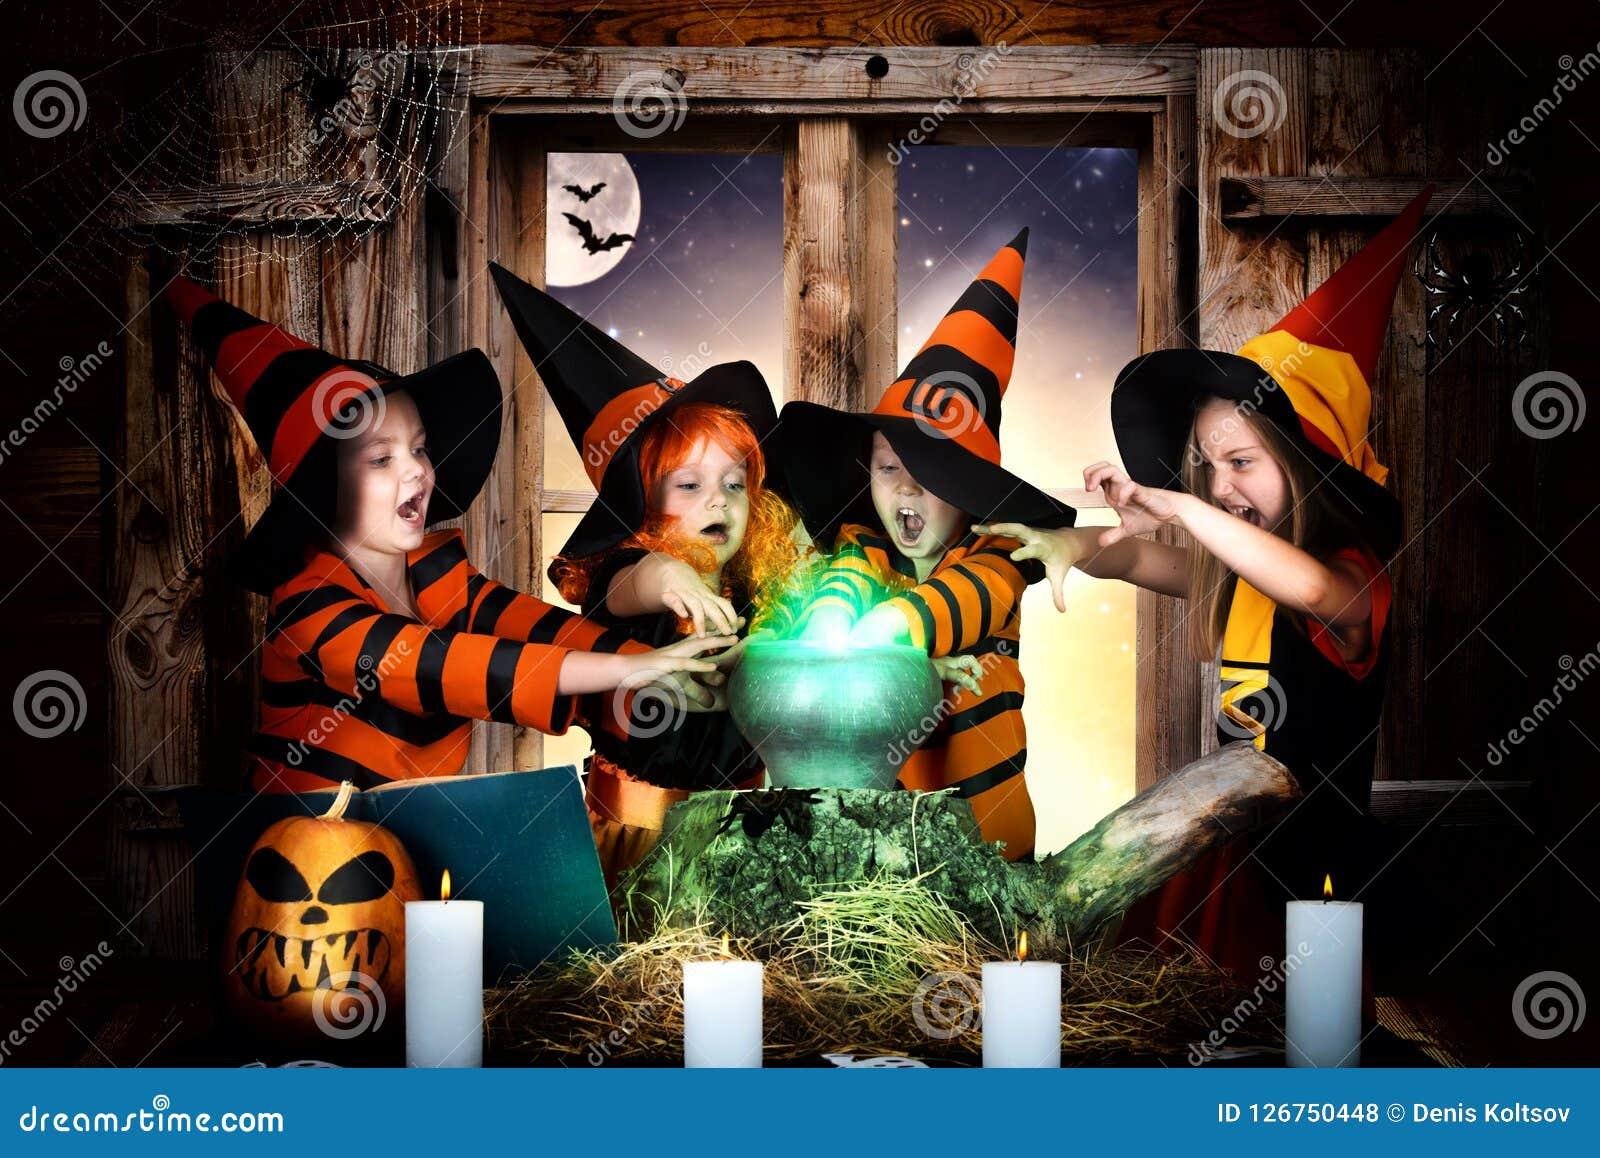 万圣节 烹调在大锅的巫婆和巫术师的孩子魔药用南瓜和咒语书